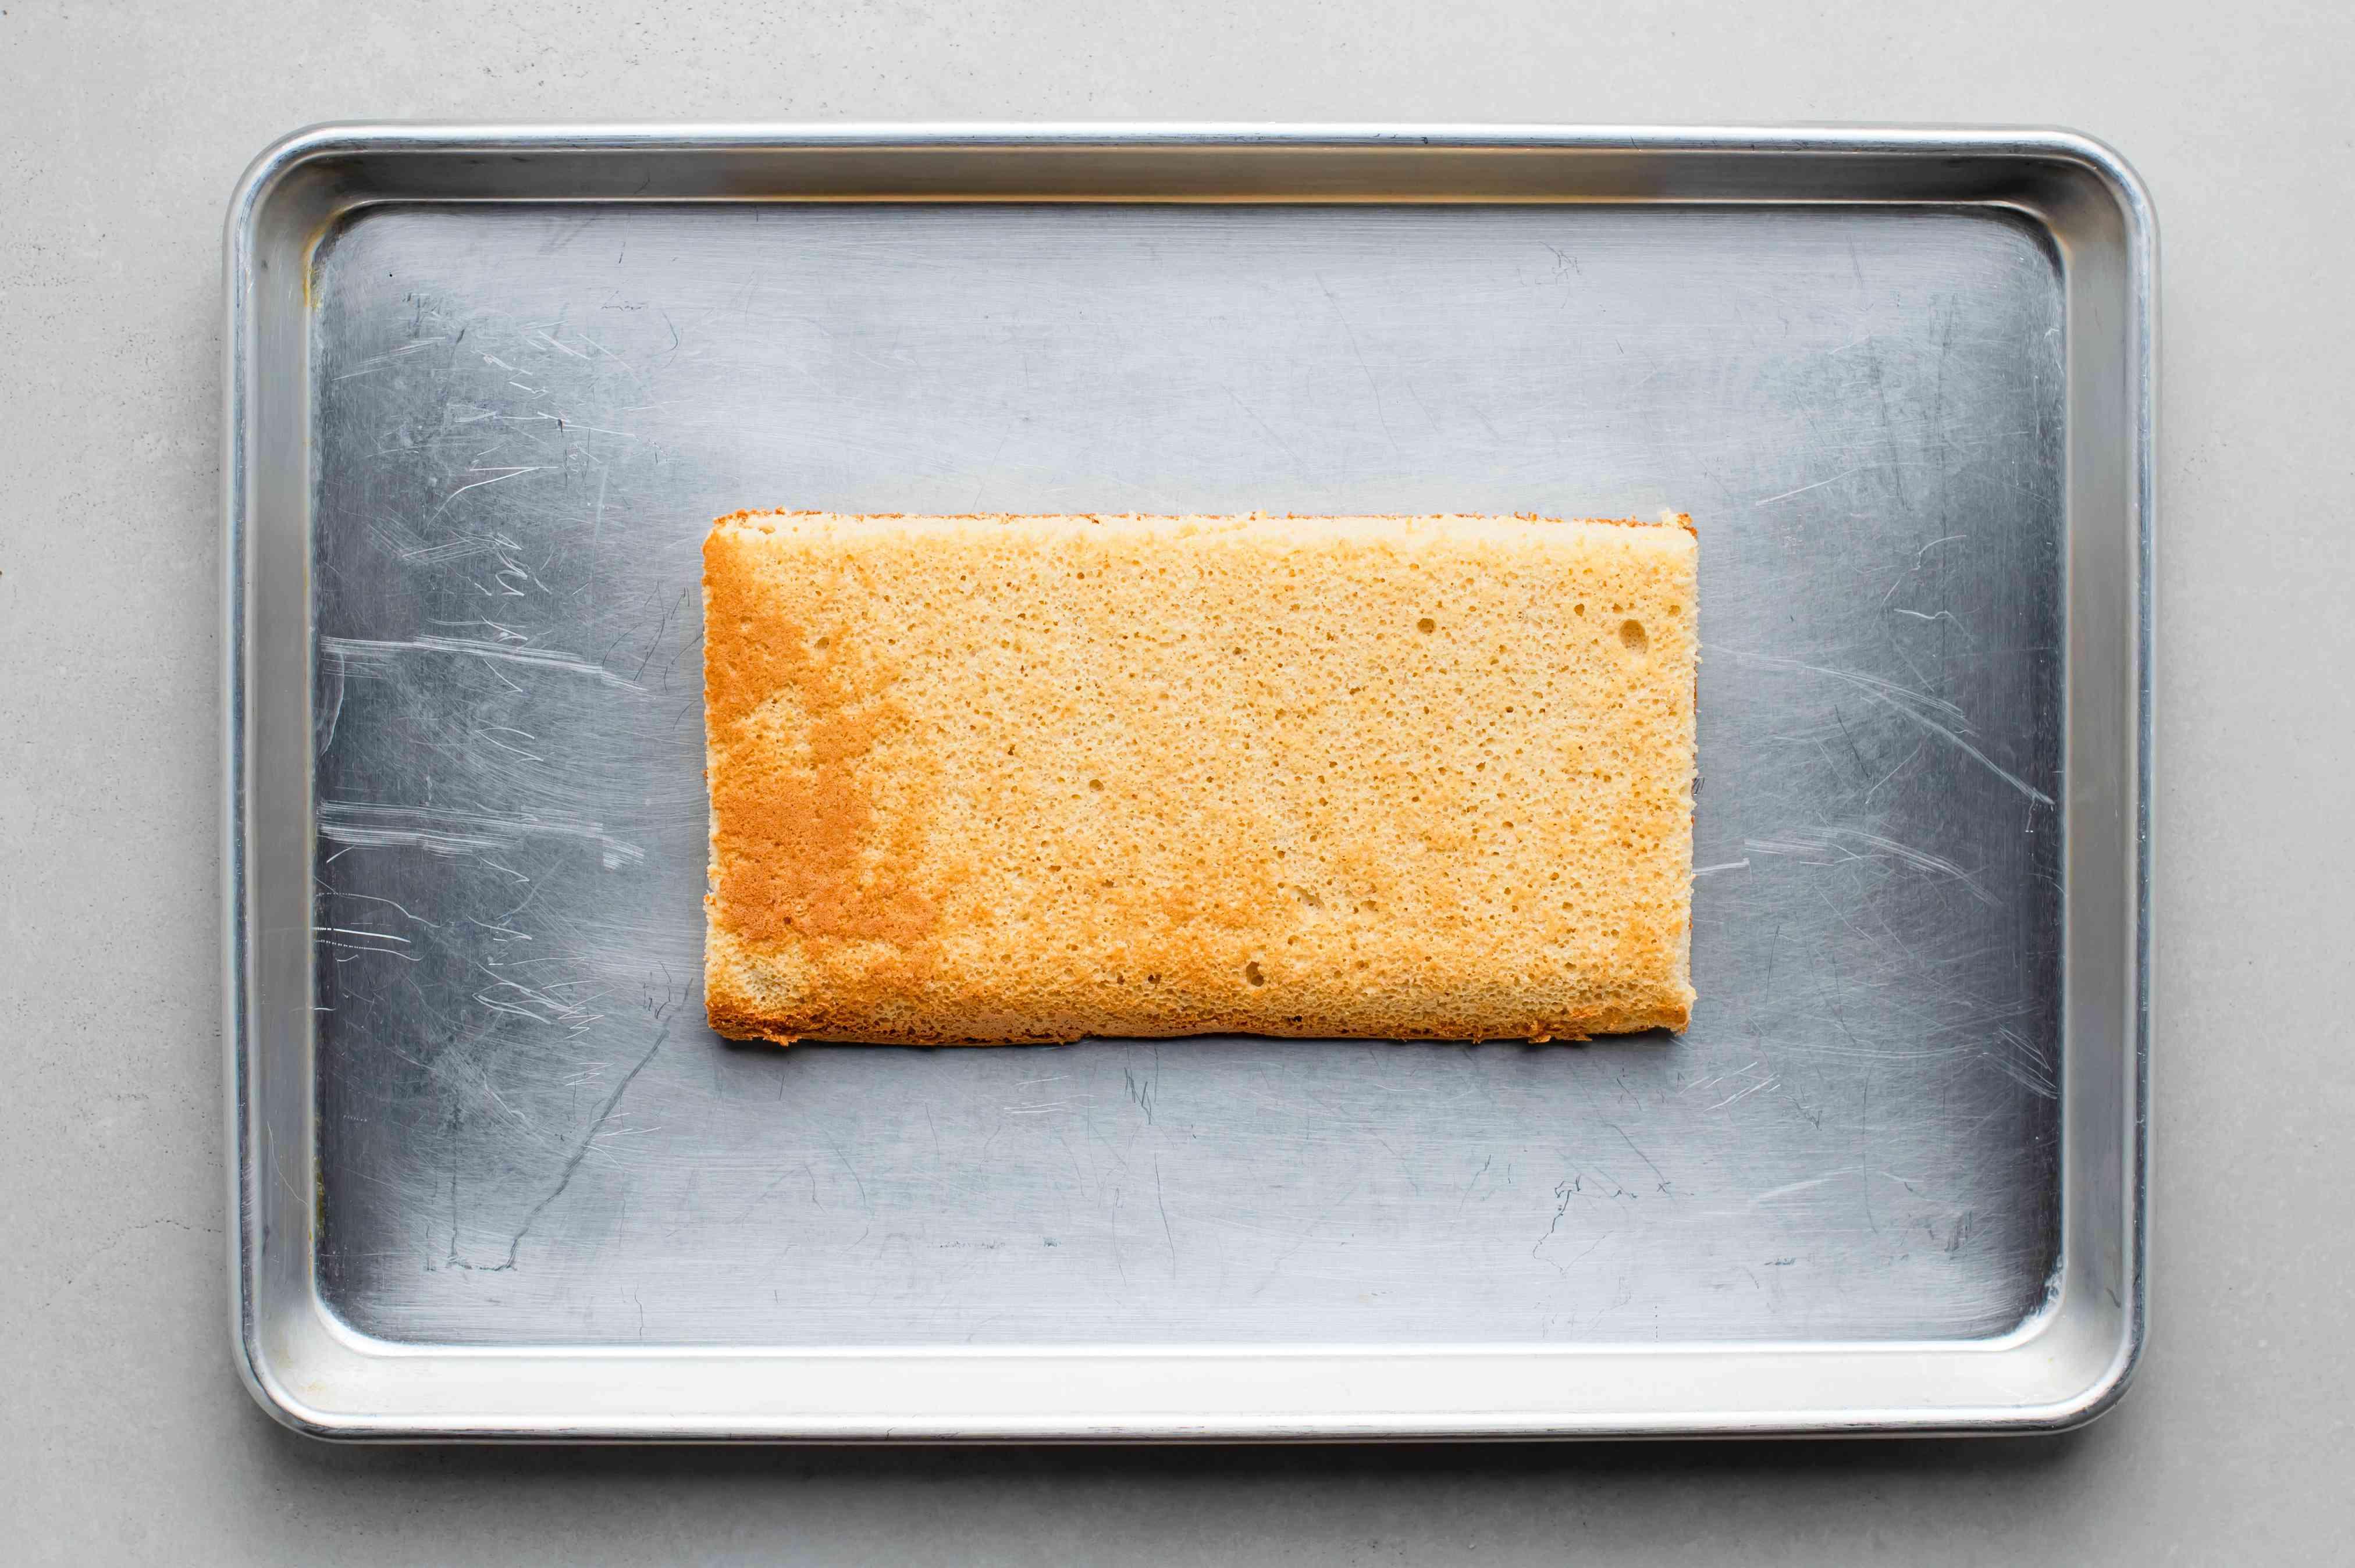 cake on a baking sheet